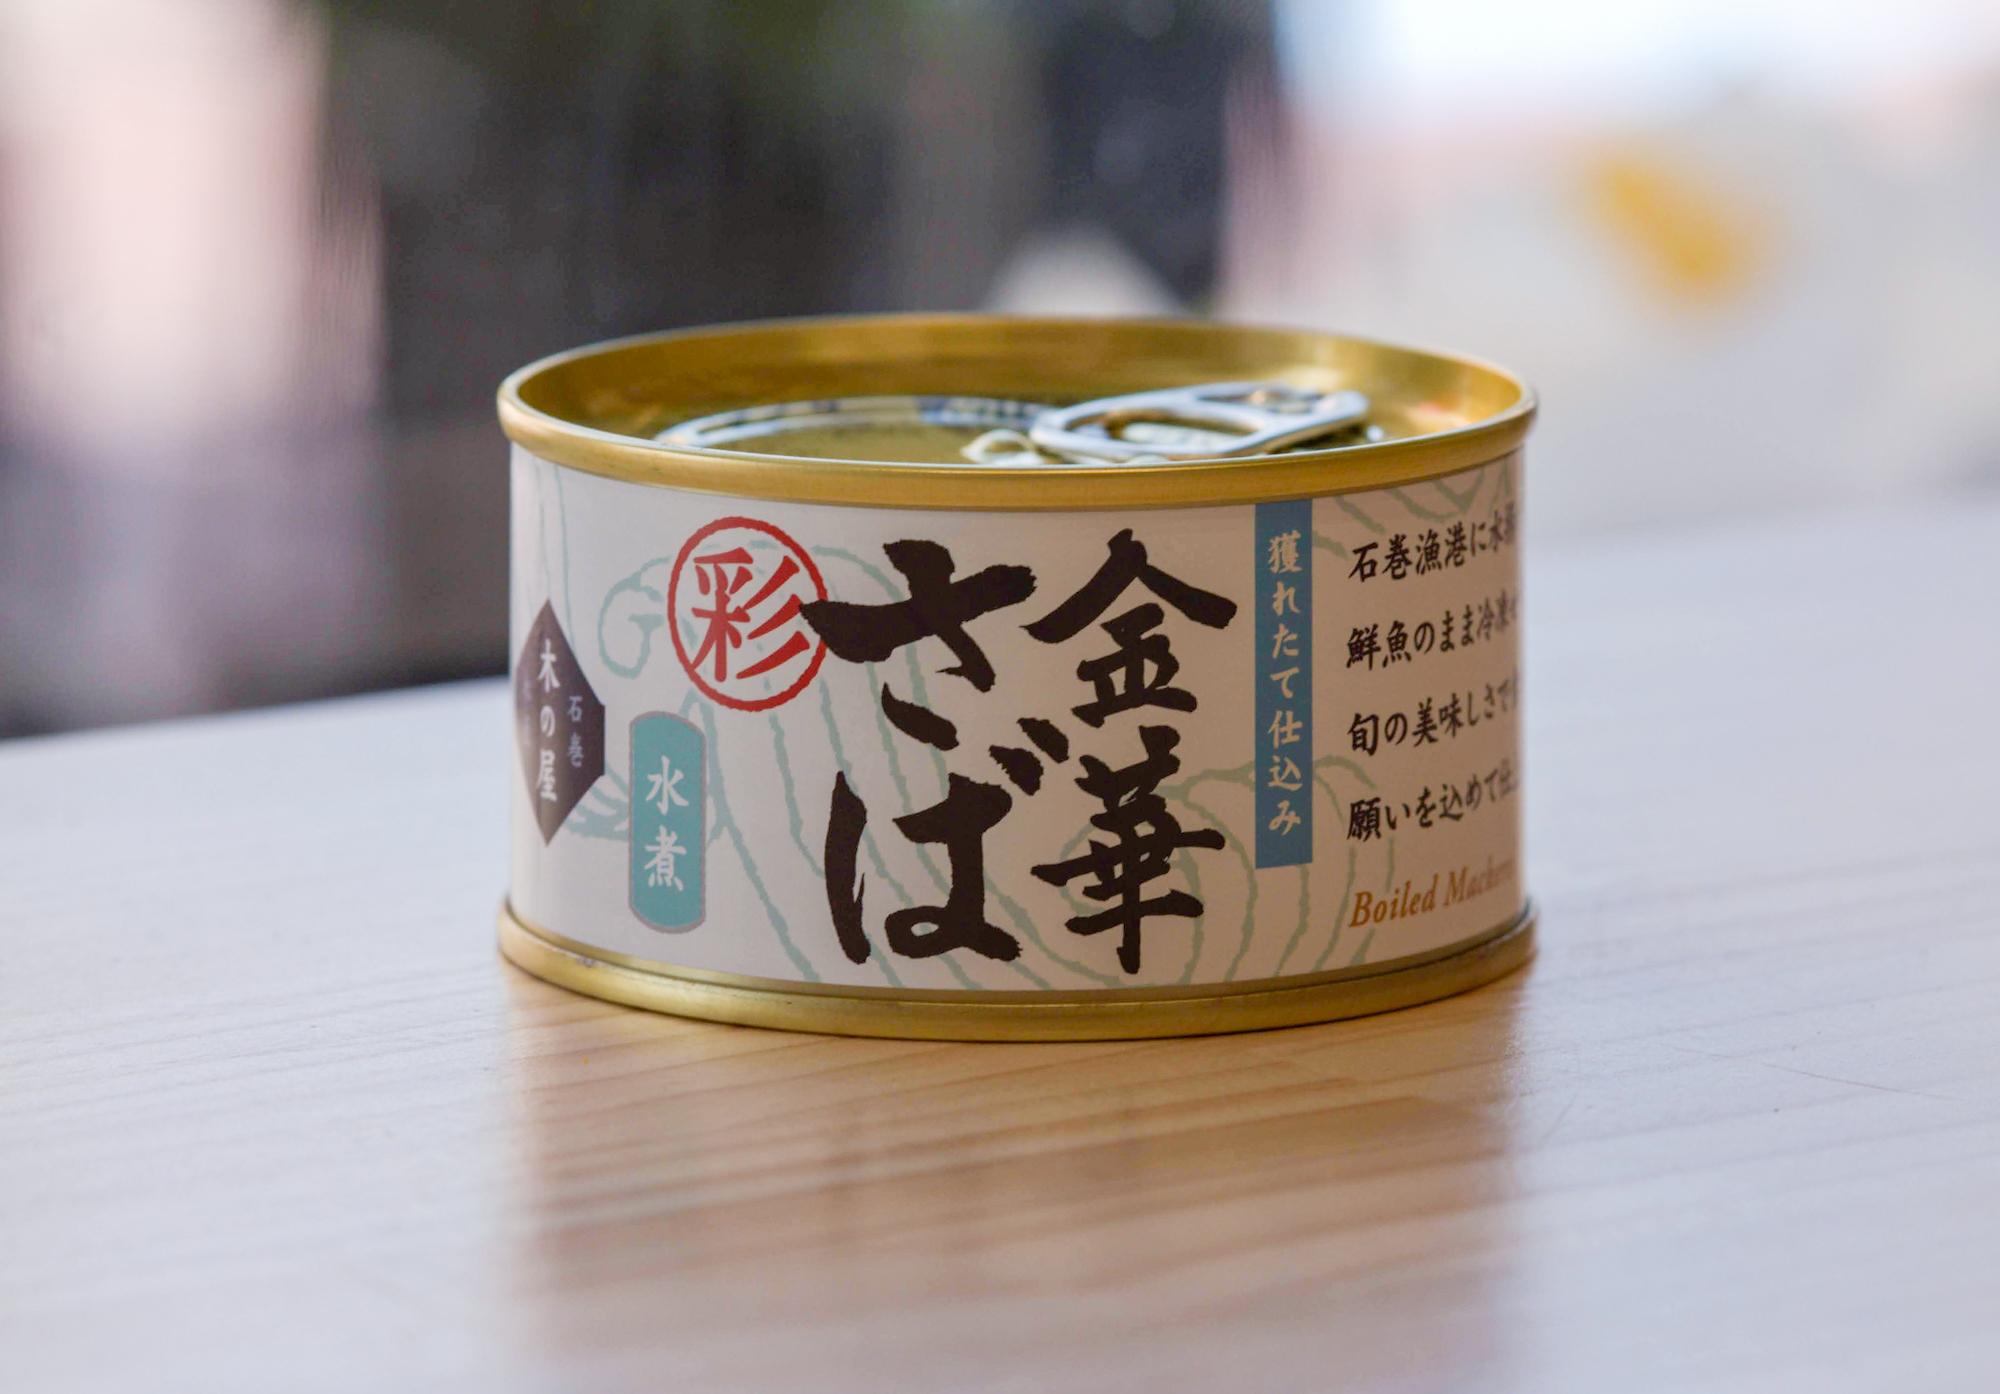 宮城県・石巻『金華さば缶 水煮』